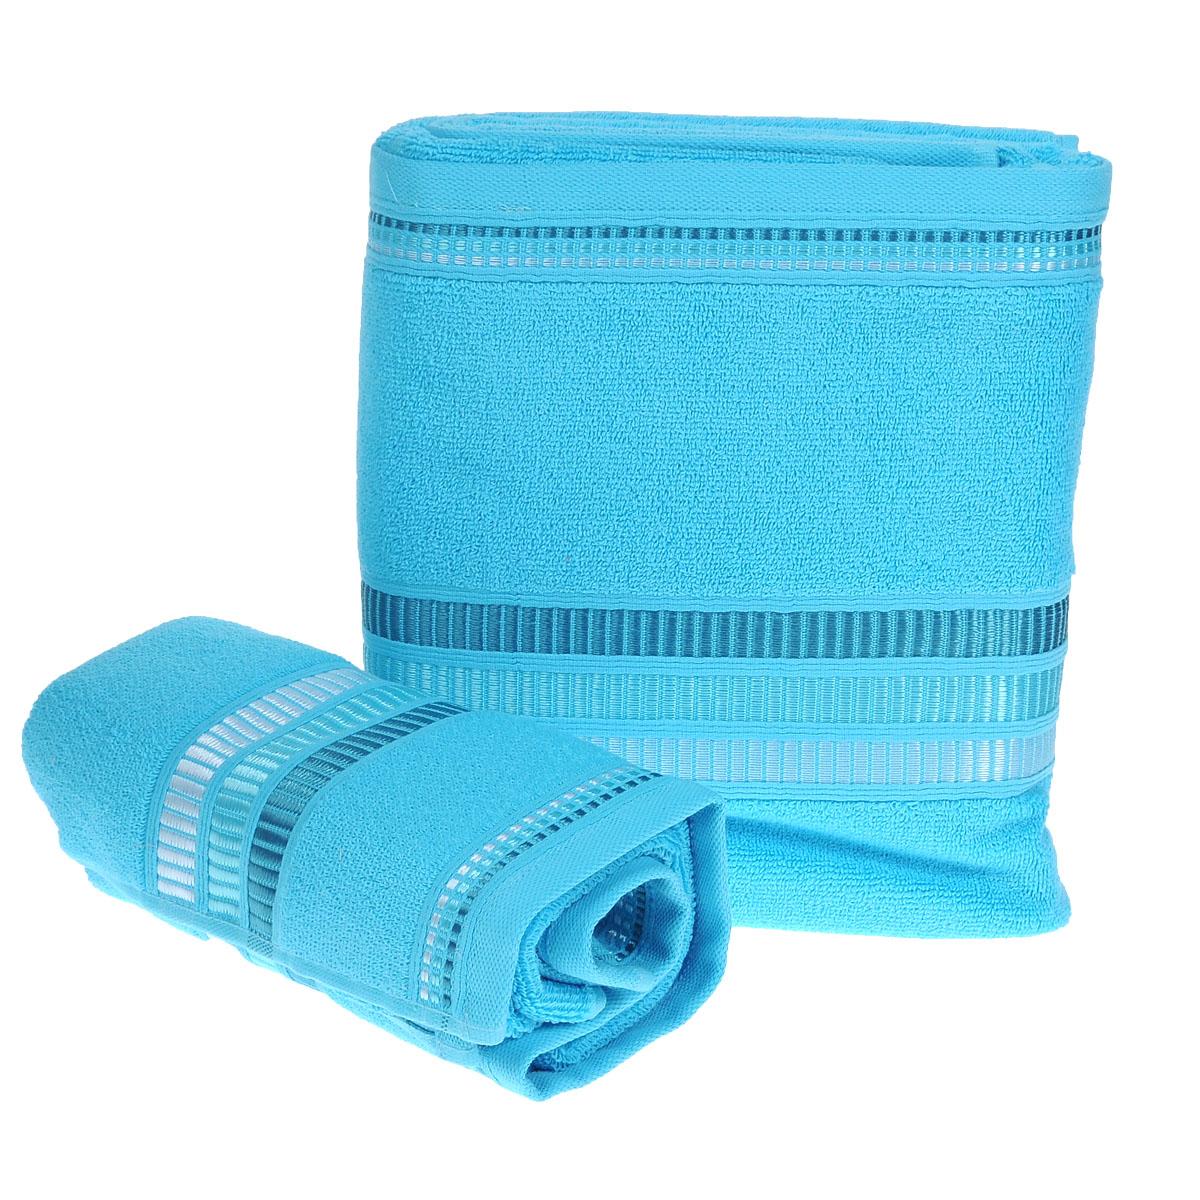 Набор махровых полотенец Coronet Пиано, цвет: бирюзовый, 2 шт. Б-МП-2020-15-04-сБ-МП-2020-15-04-сПодарочный набор Coronet Пиано состоит из двух полотенец разного размера, выполненных из натуральной махровой ткани. Полотенца украшены изящным декоративным тиснением. Мягкие и уютные, они прекрасно впитывают влагу и легко стираются. Такой набор подарит вам мягкость и необыкновенный комфорт в использовании. Благодаря высокому качеству изготовления, полотенце будет радовать многие годы. Полотенца упакованы в подарочную коробку и станут приятным и полезным подарком вашим друзьям и близким.